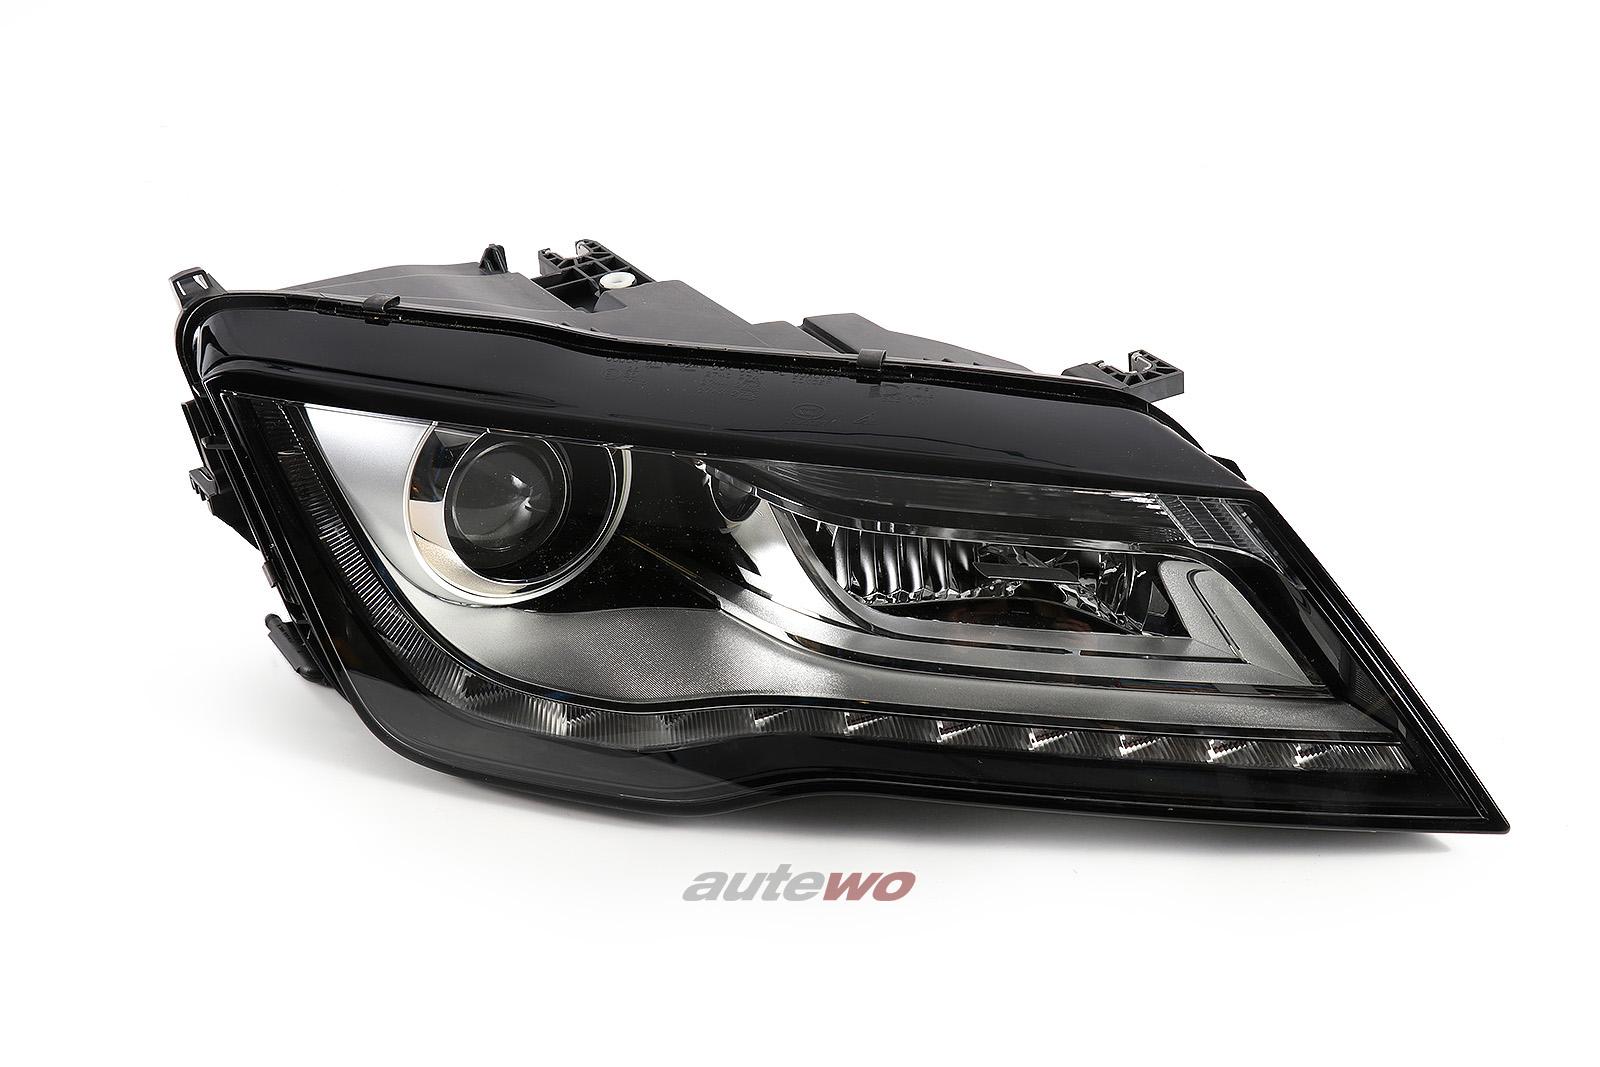 4G8941754A 4G8941030AH NEU Audi A7/RS7 Xenon-Scheinwerfer Rechts Rechtslenker